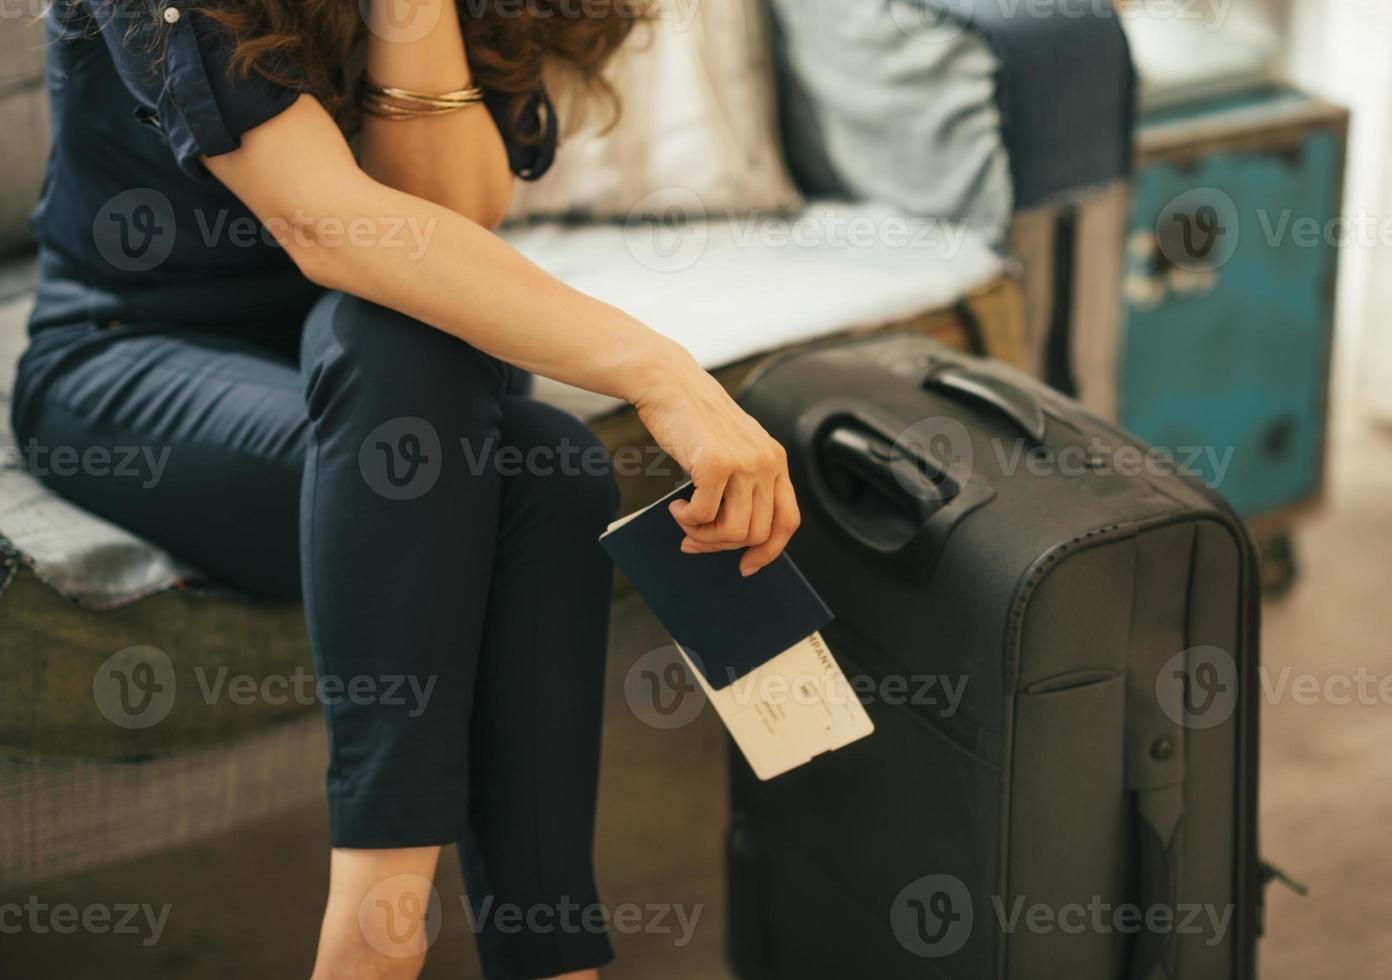 Nahaufnahme auf junge Frau mit Pass, Ticket und Gepäck foto